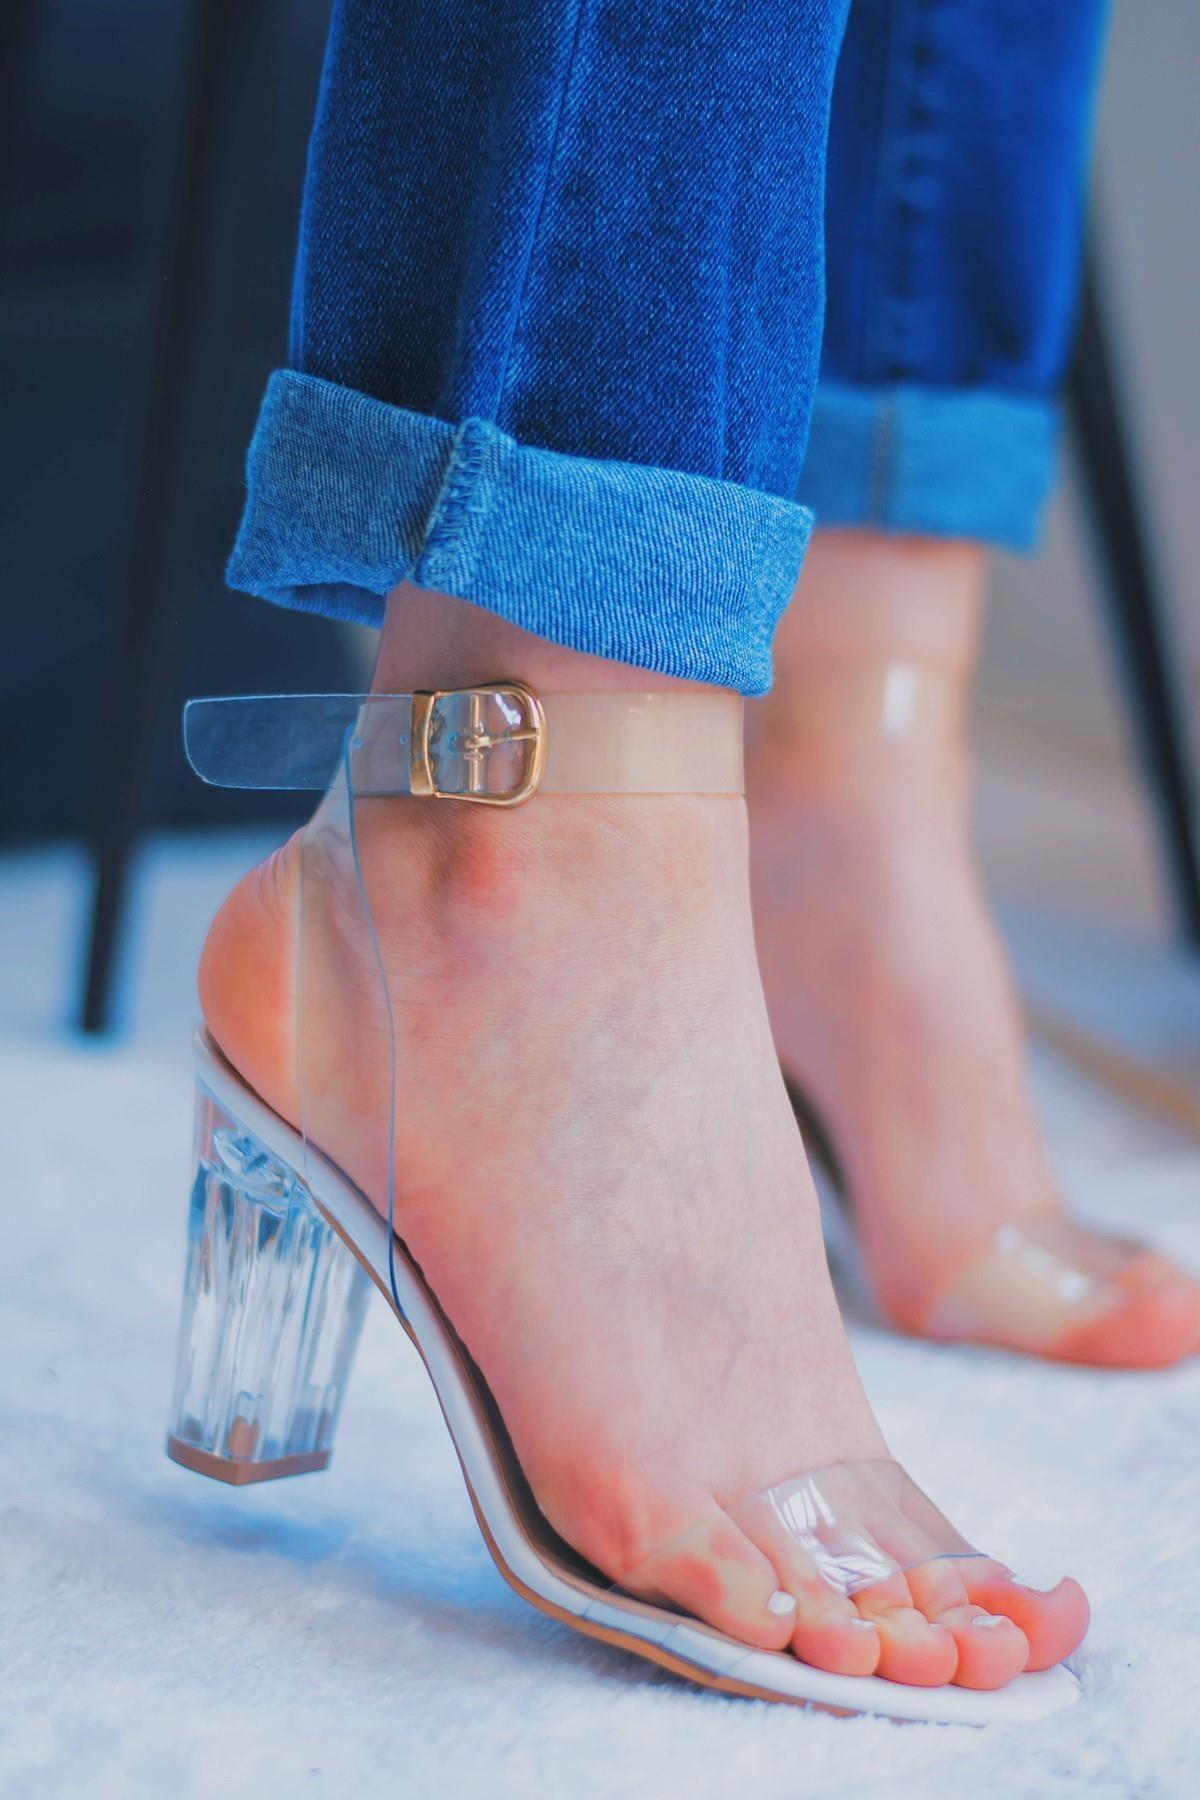 Havre Beyaz Kadın Şeffaf Topuklu Ayakkabı